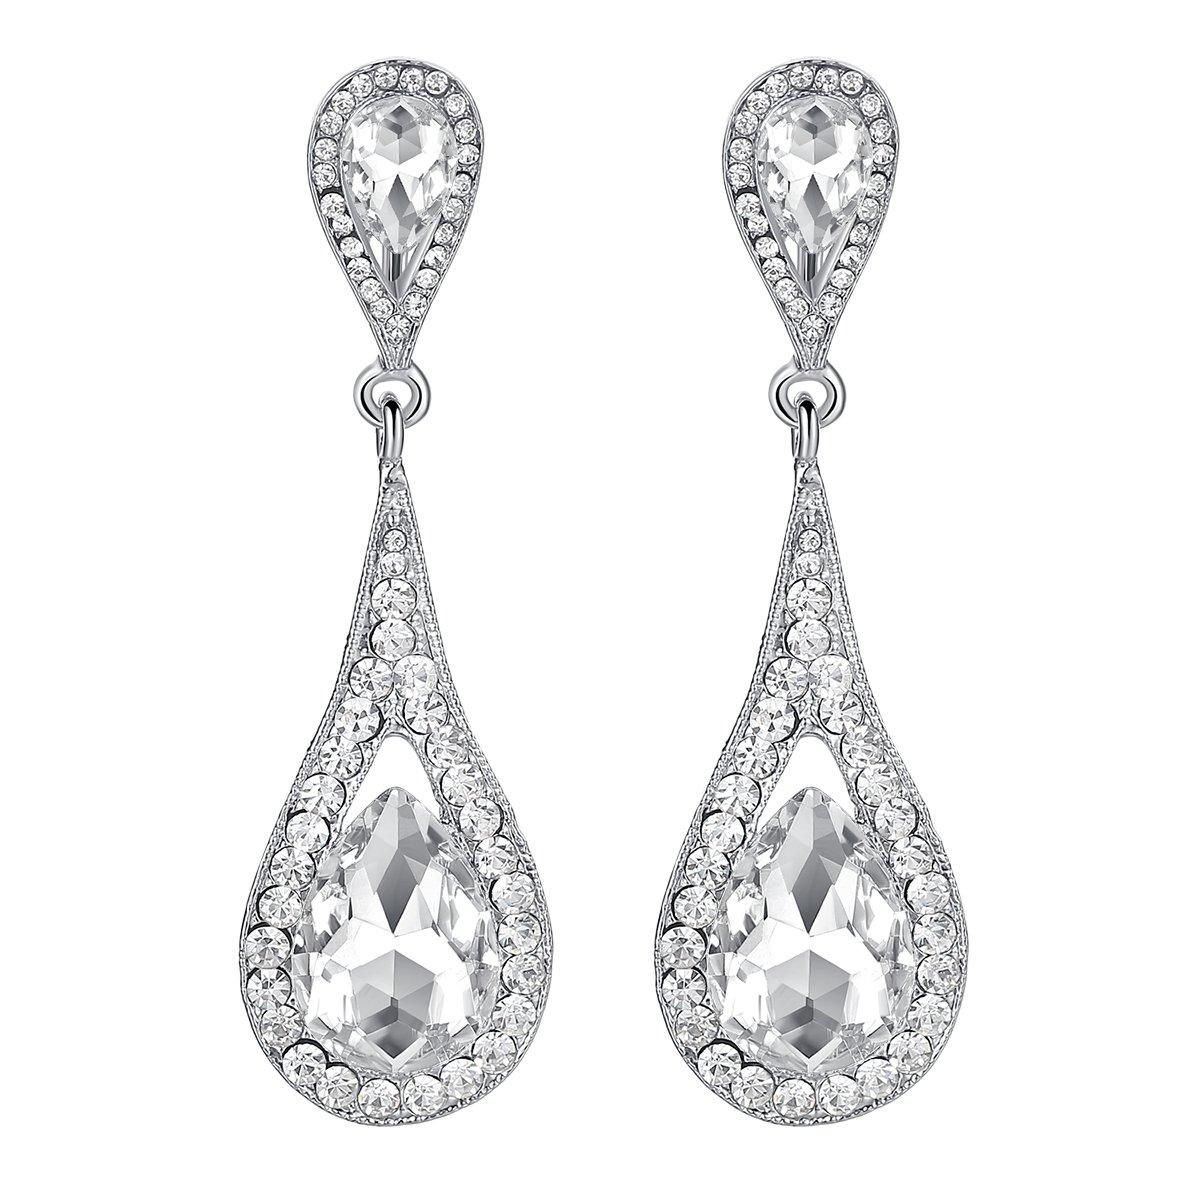 Mecresh clair et champagne cristal Art Déco goutte d'eau Boucle d'oreilles Crochet pour fête ou mariage EH246-clear